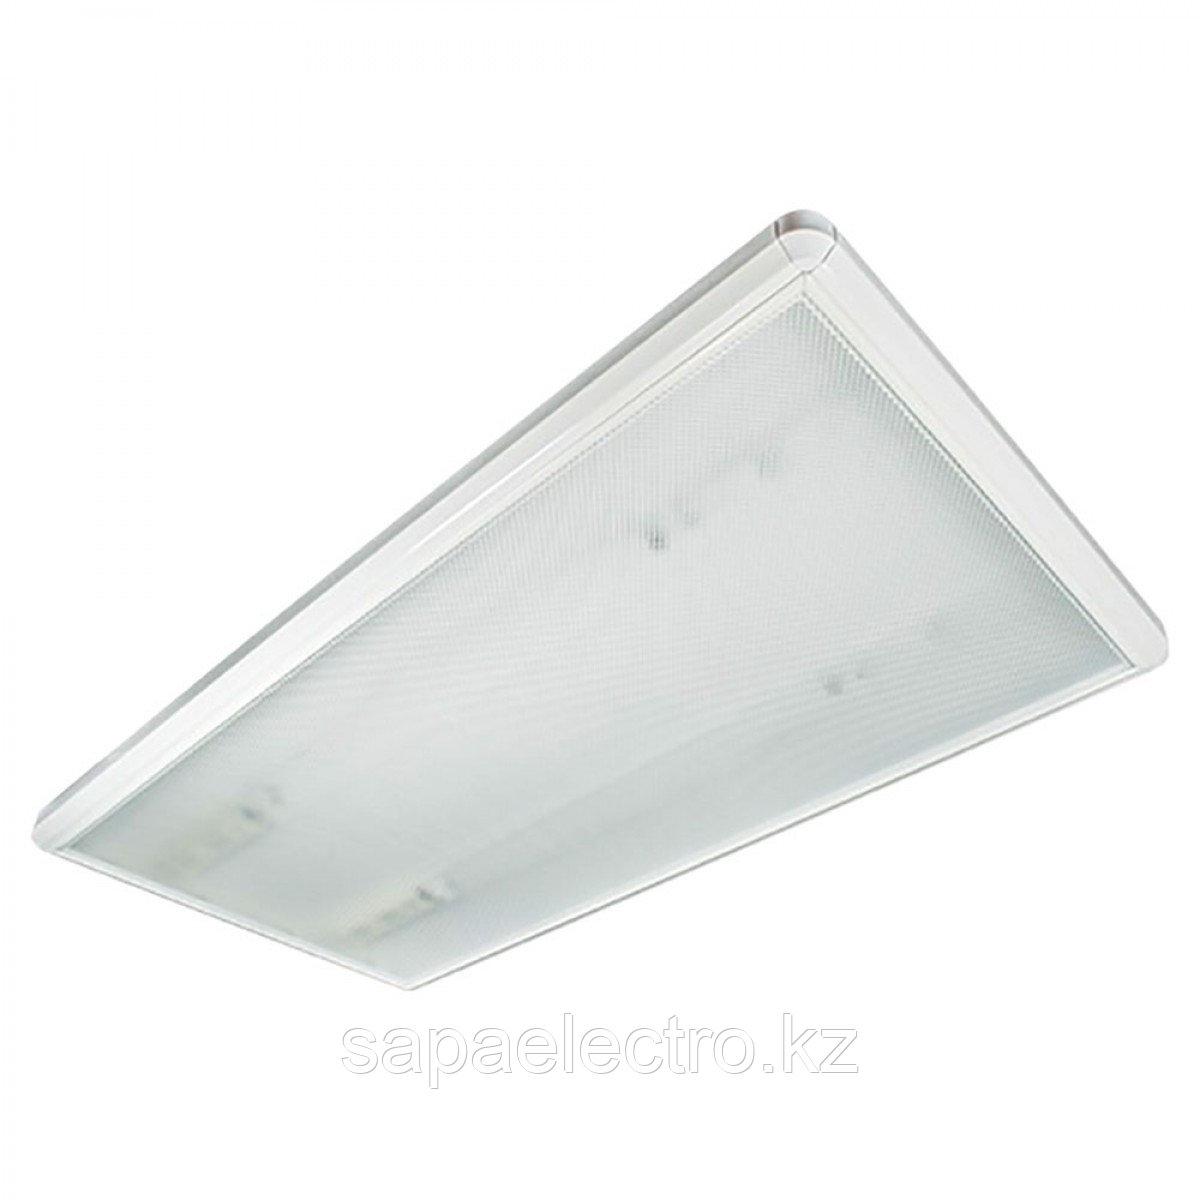 Св-к LZN 4X36W S/U DETAY PRIZMATIK MGL ELECTR (TS)